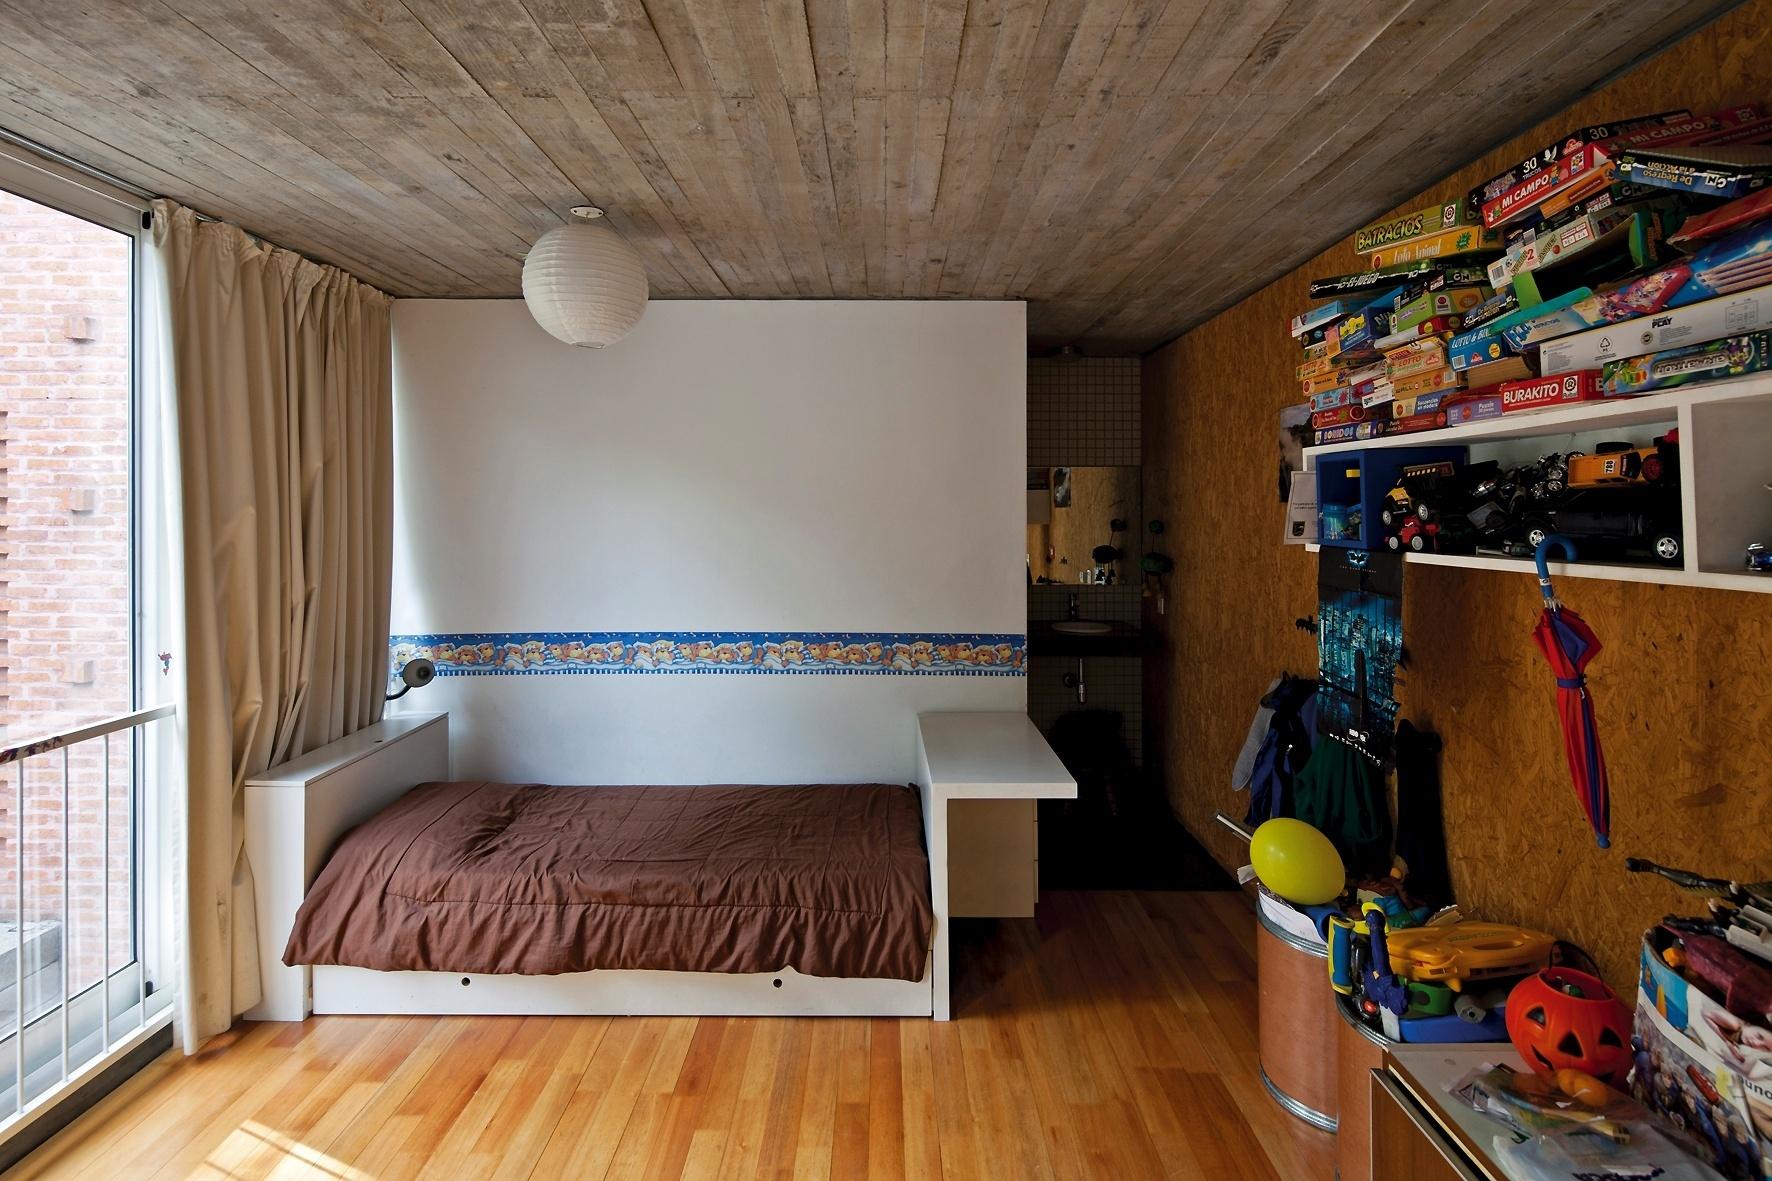 Fotos Quarto De Crian A Em Azul Pintura Paredes Quarto De Menino #9B6630 1772x1181 Banheiro Com Janela Para O Quarto